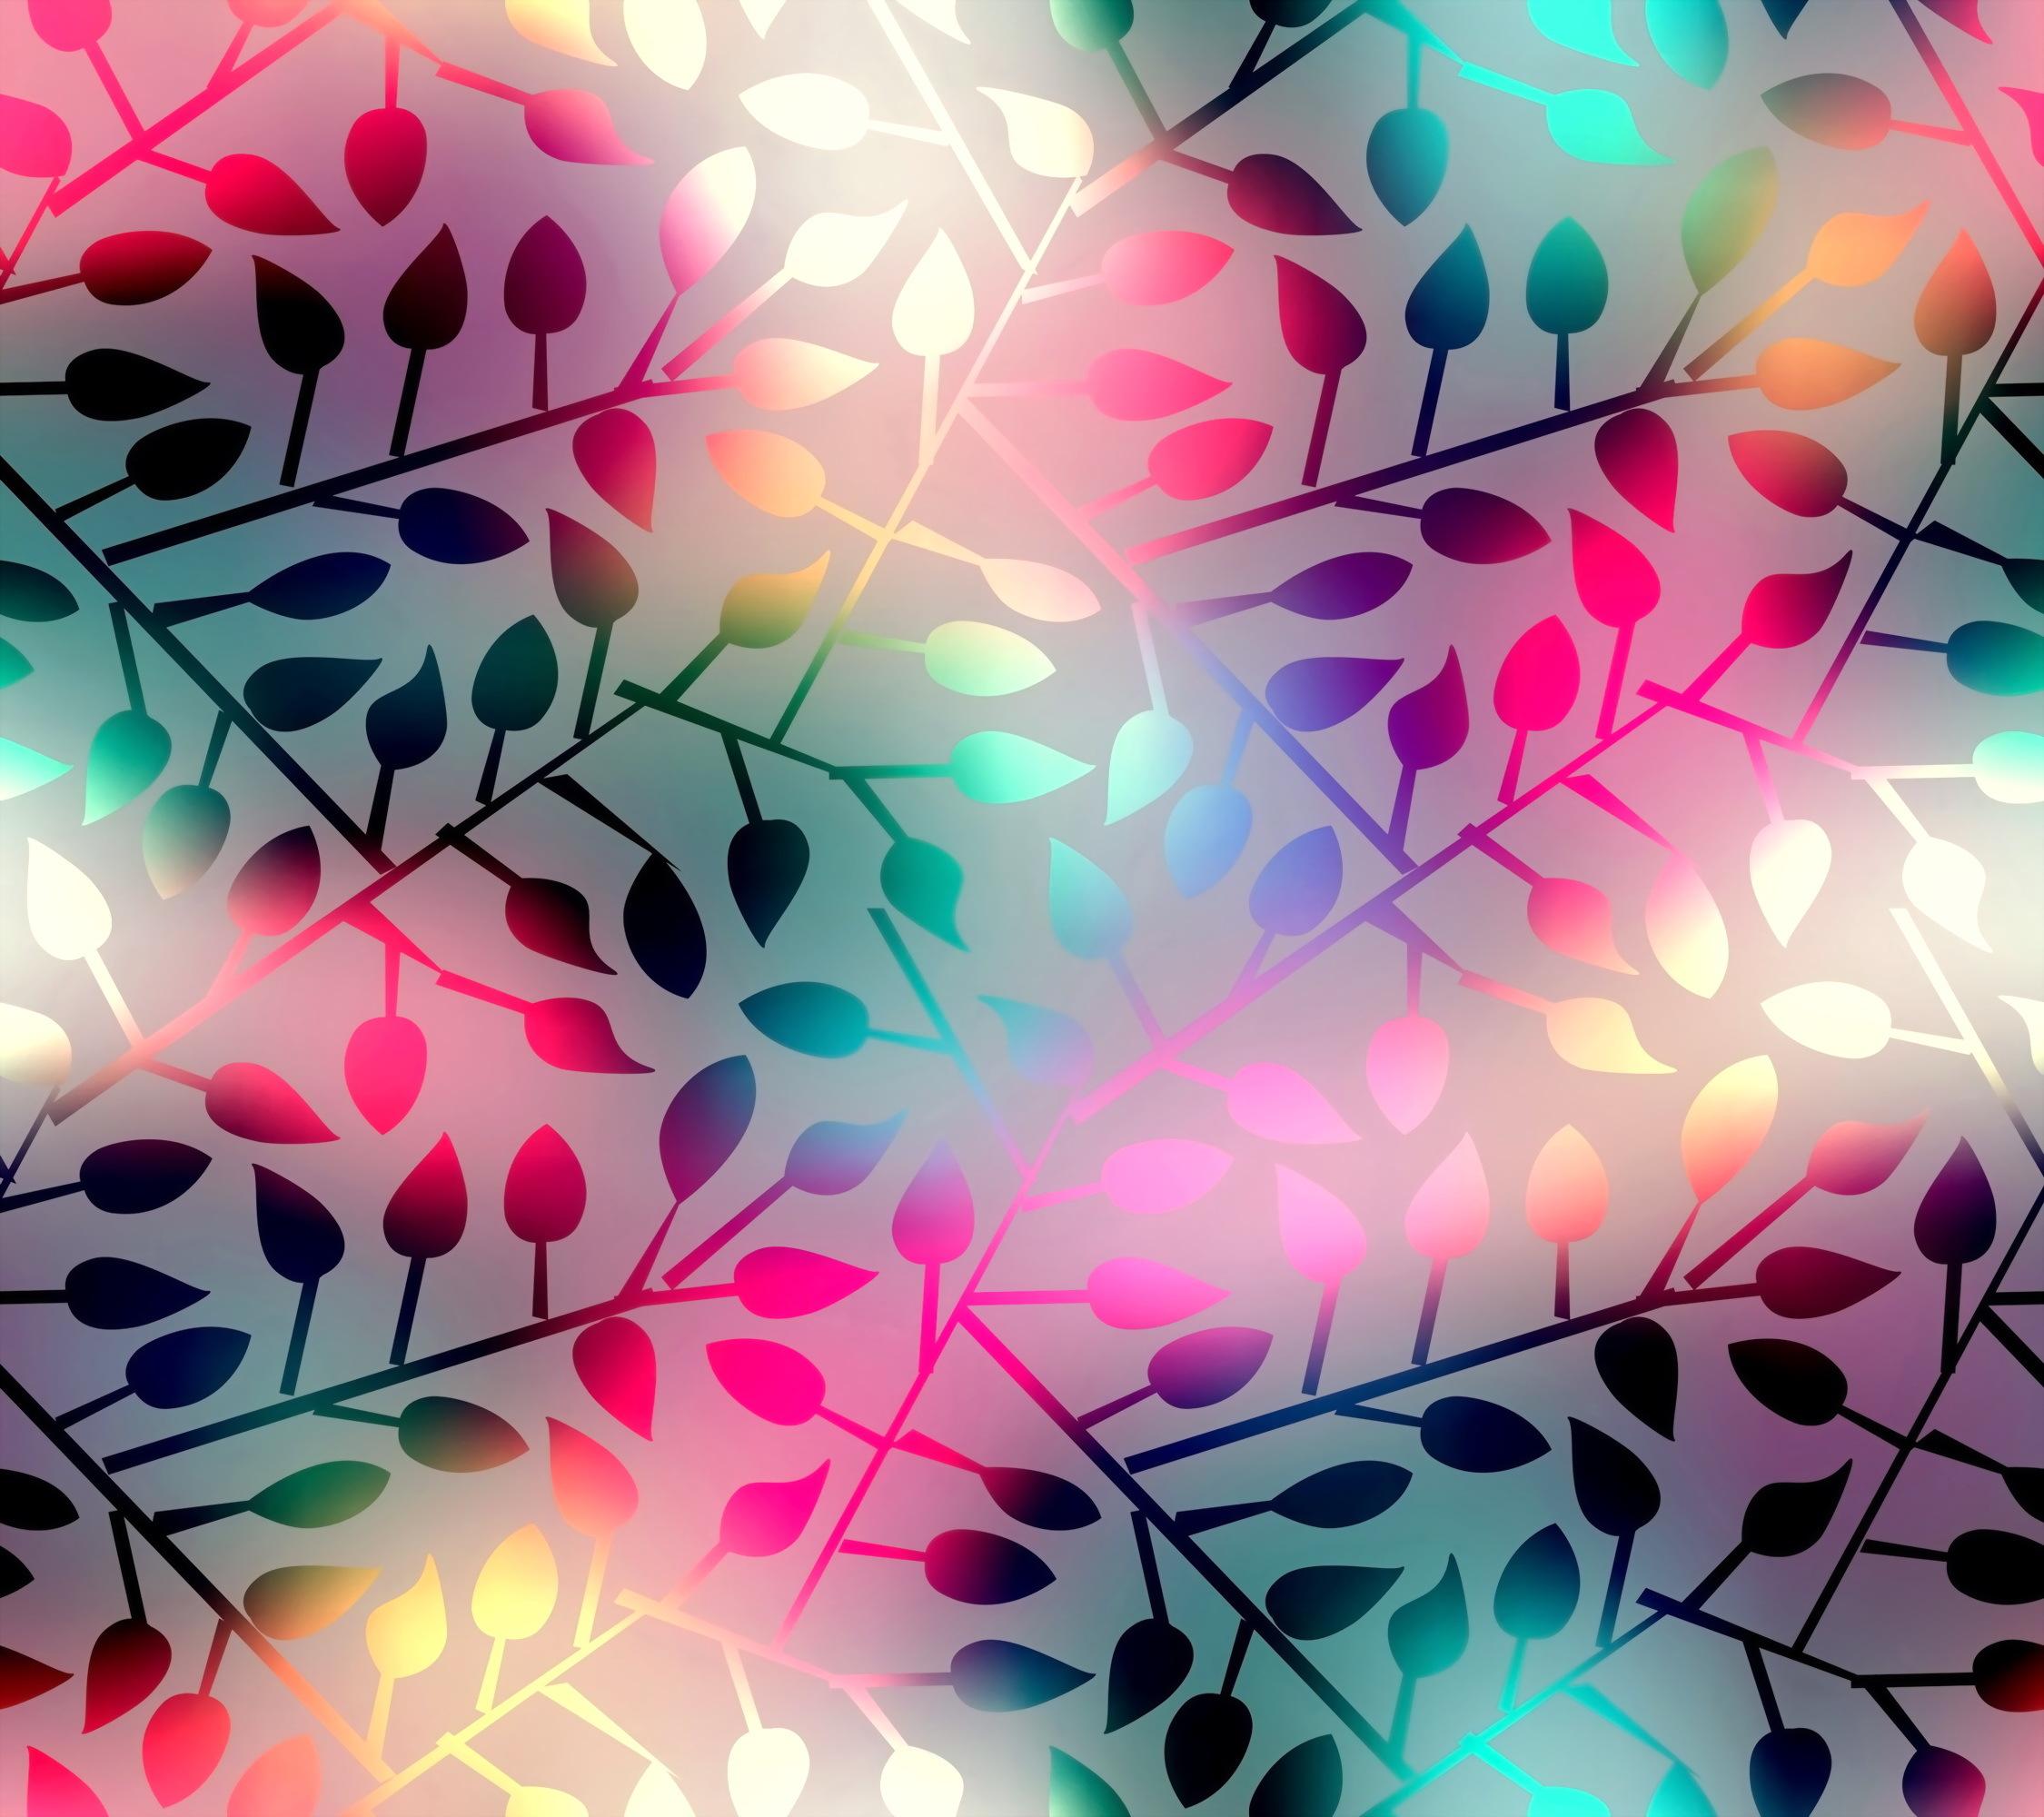 HD wallpapers zedge wallpaper for ipad